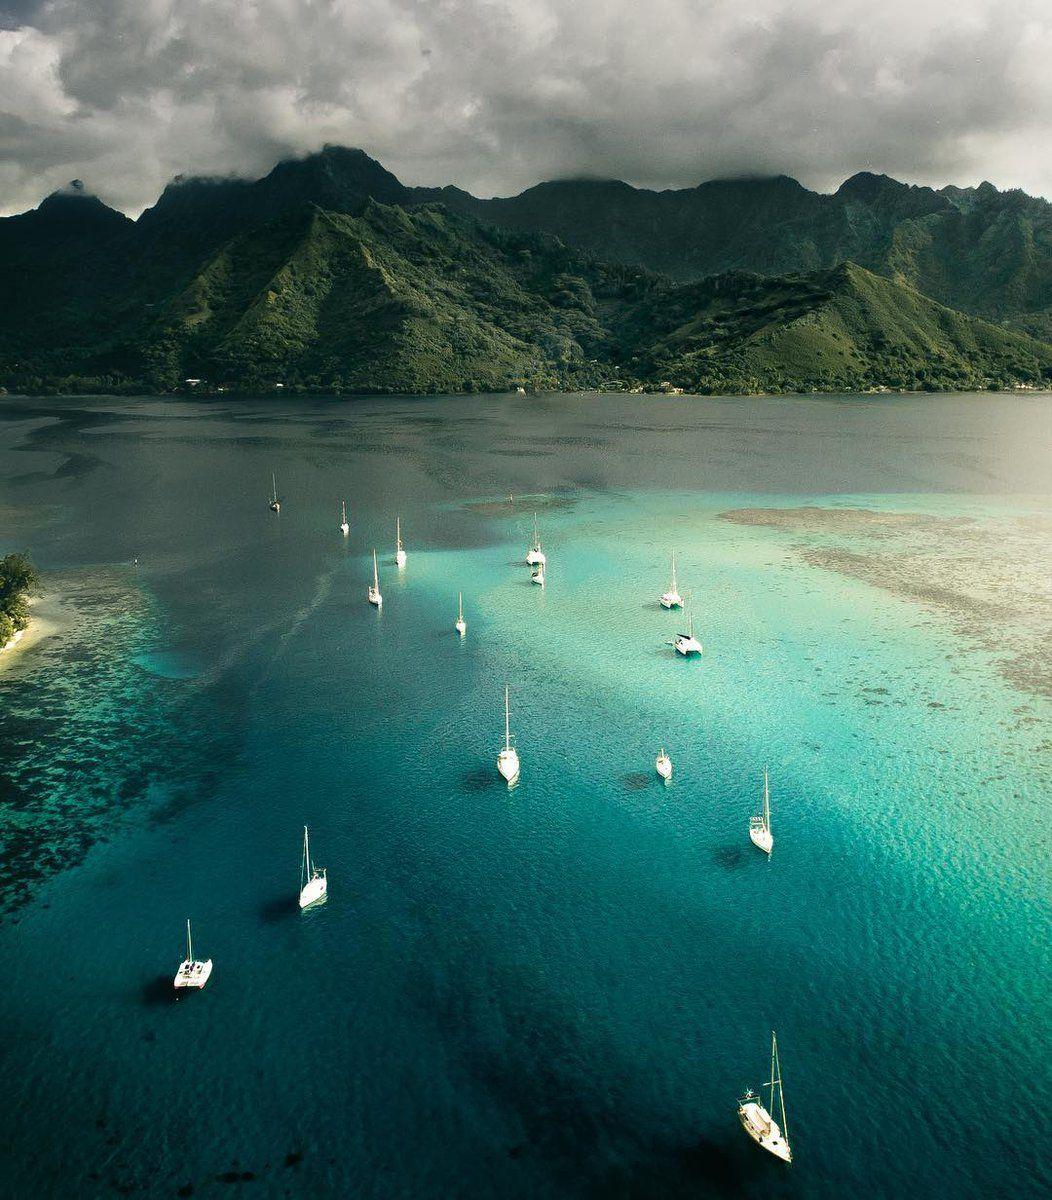 Tahiti, French Polynesia Photography by Jason Jko (With